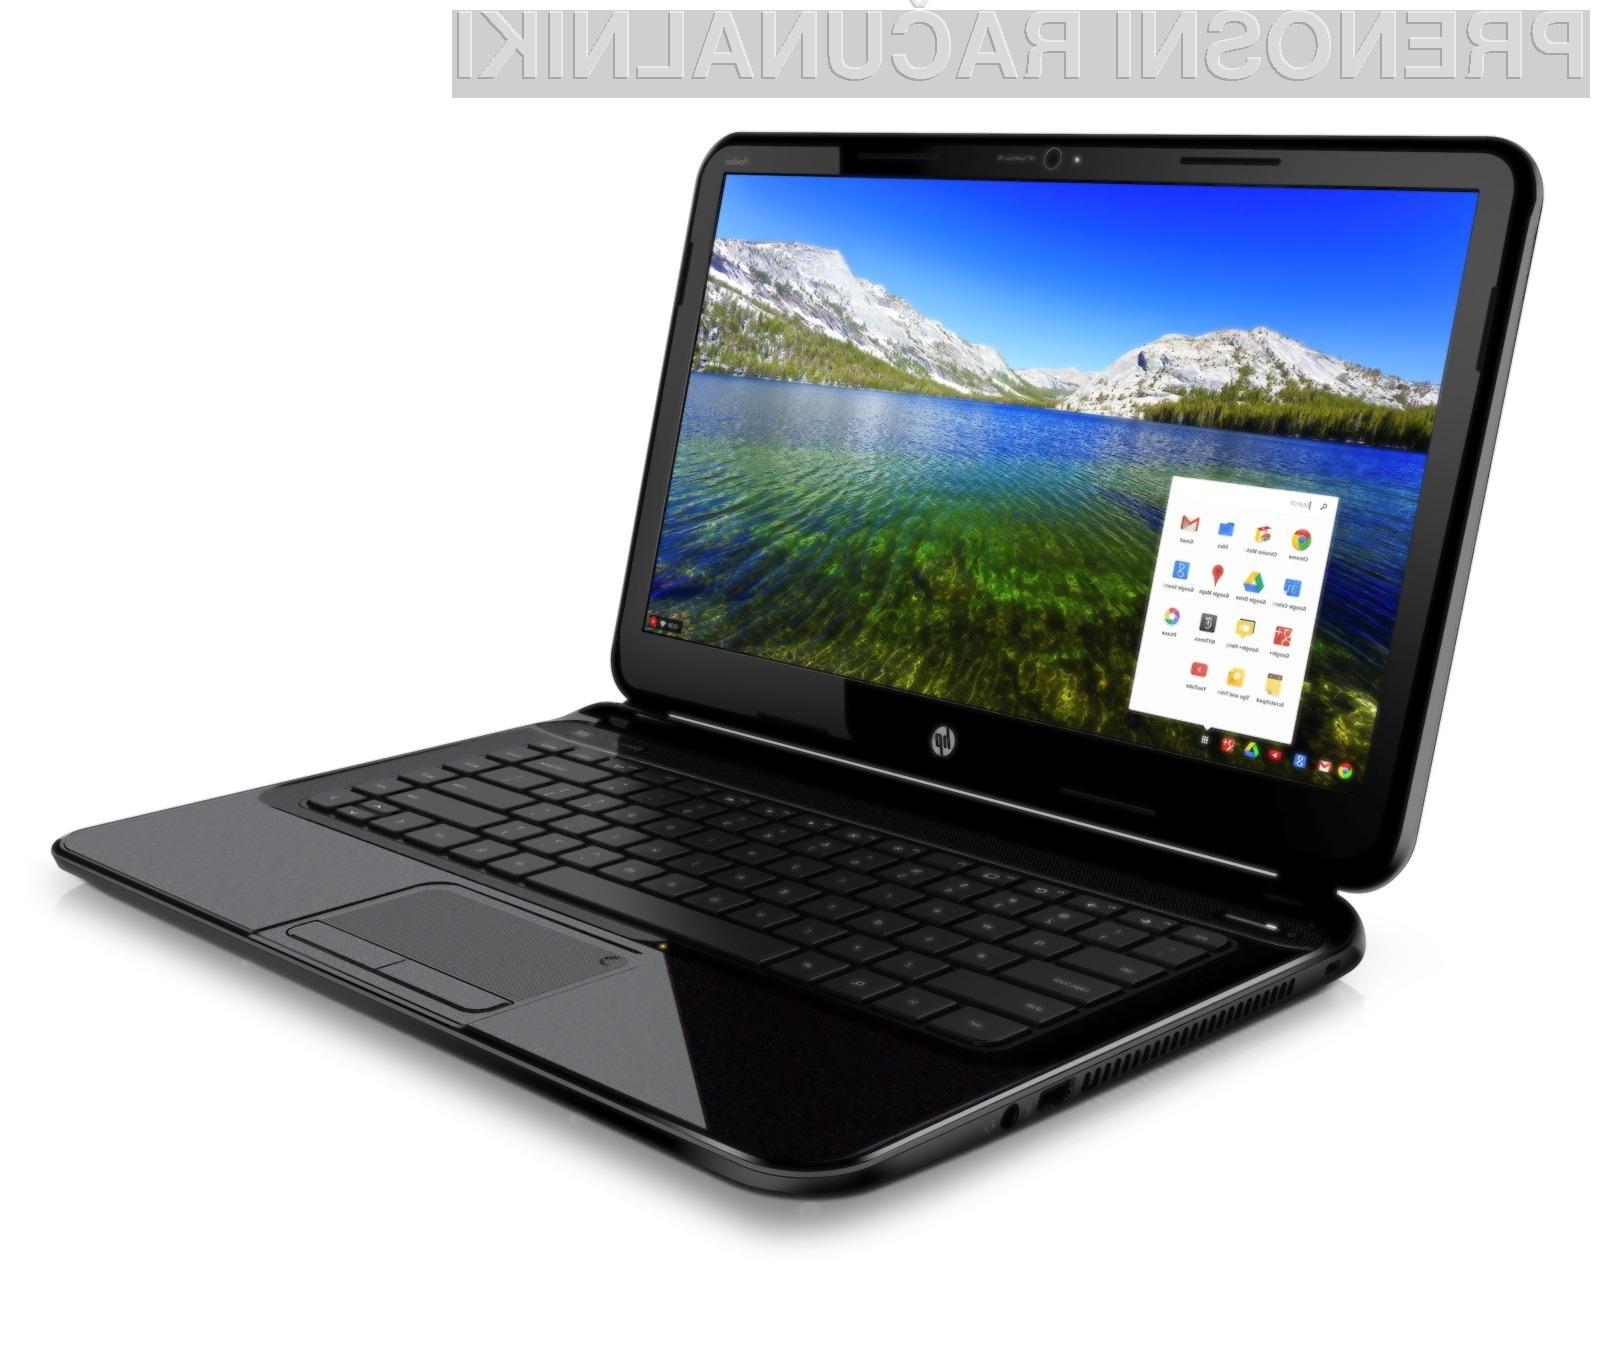 Prenosni računalniki Chromebook bodo kmalu postali zmogljivejši in bodo z enim polnjenjem delovali dlje!